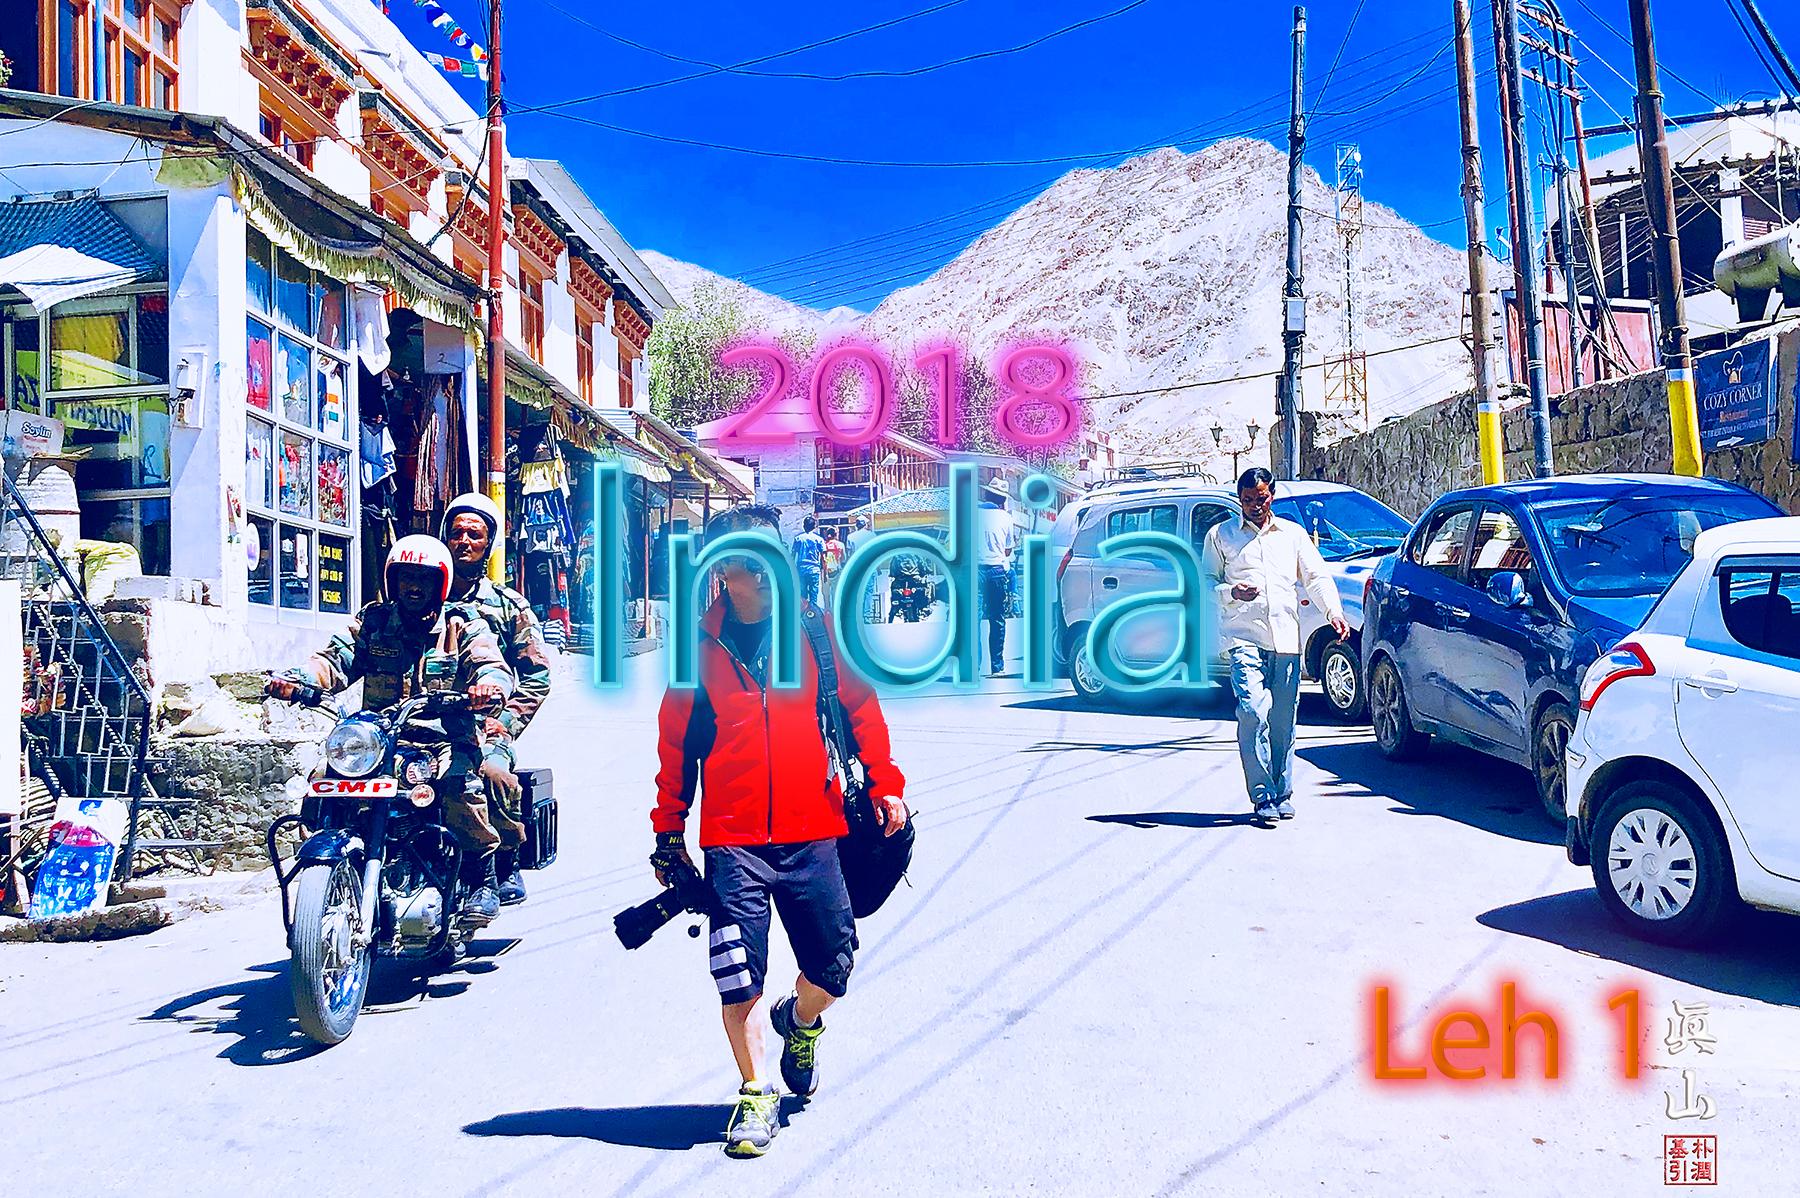 2018 India Tour - Leh 1, 7th day